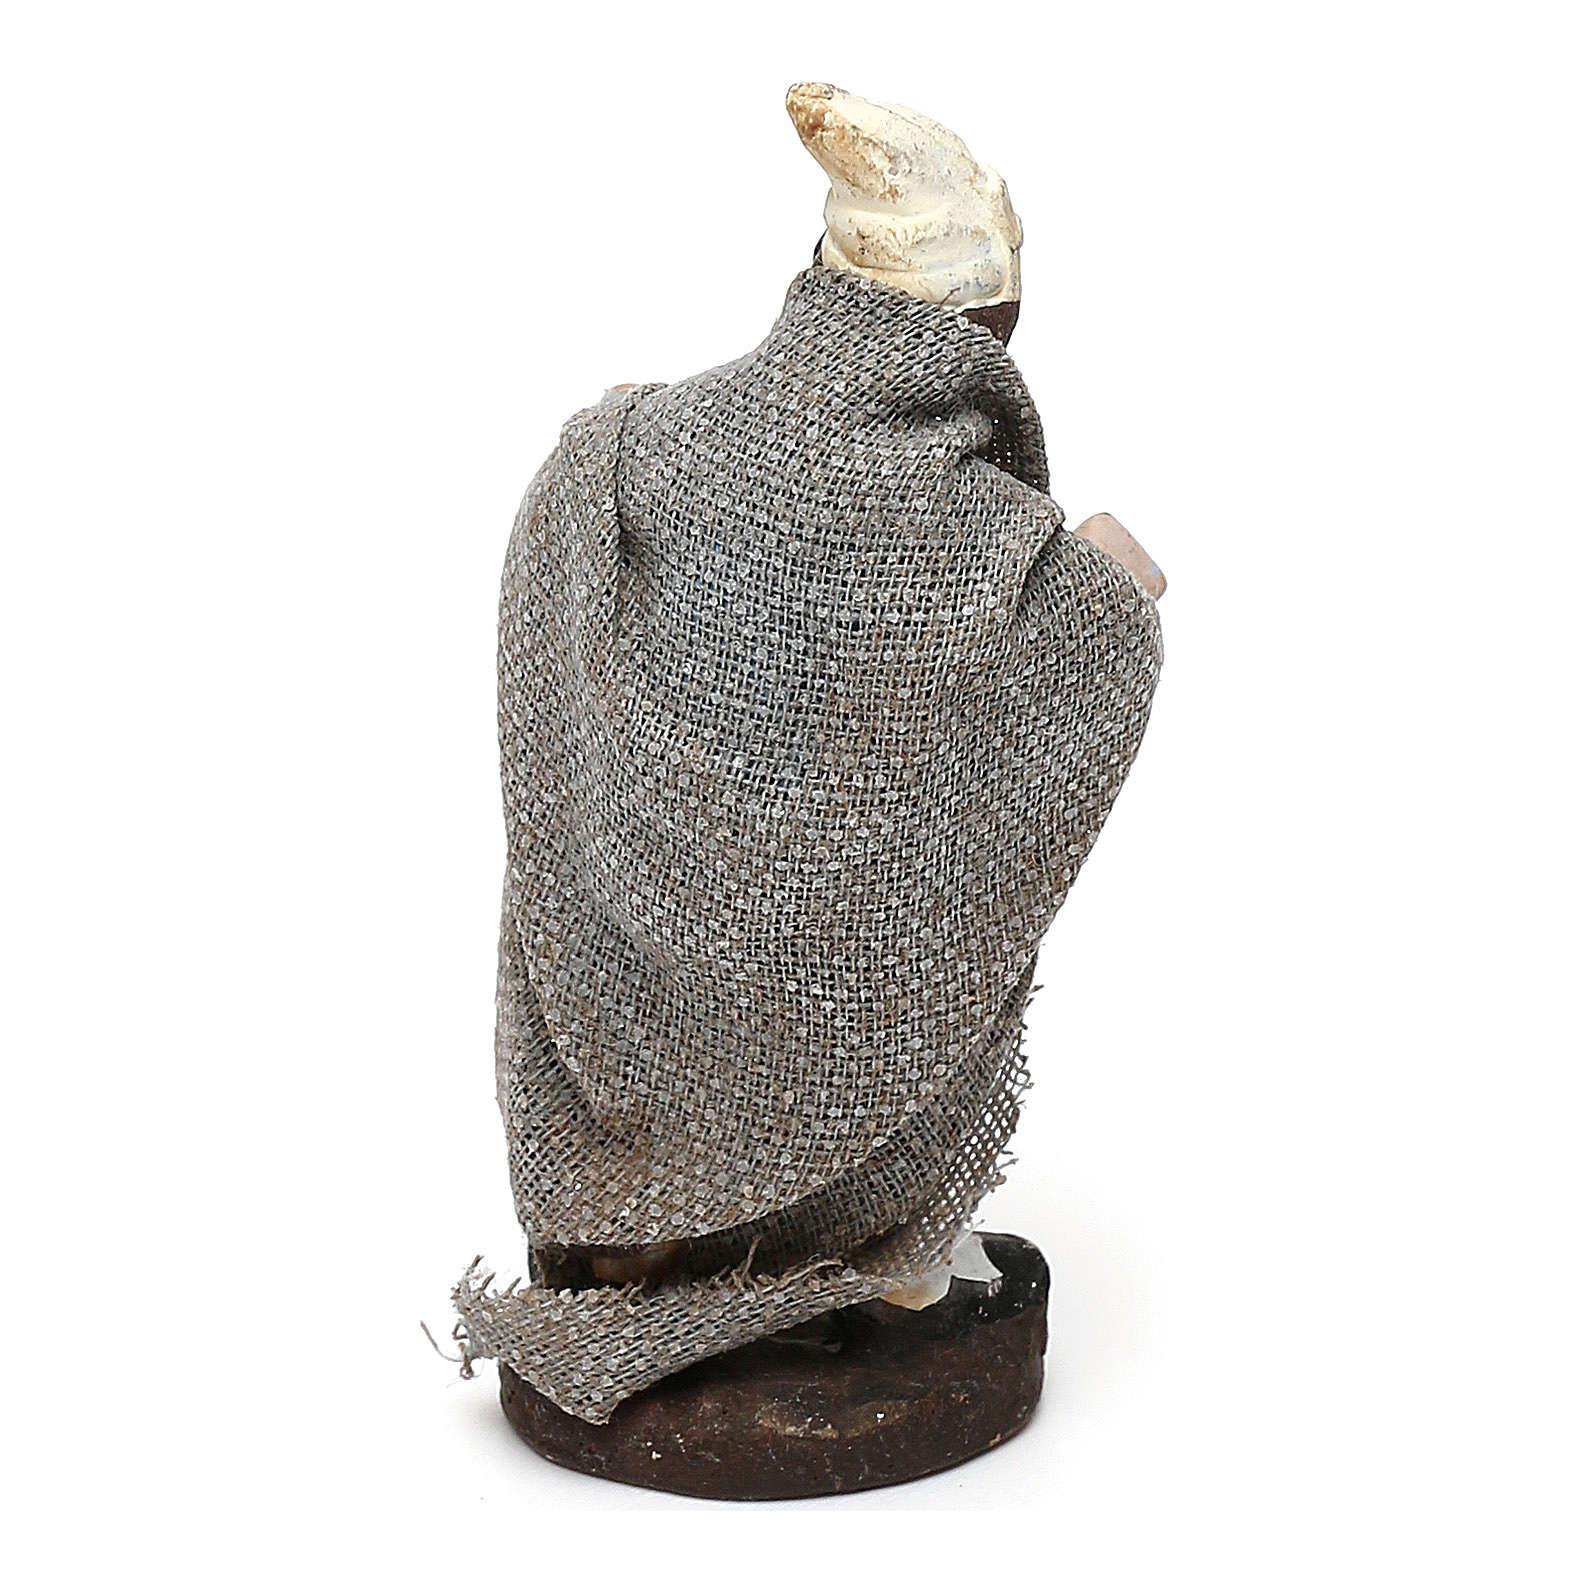 STOCK Berger en terre cuite tissu 4 cm crèche Naples 4